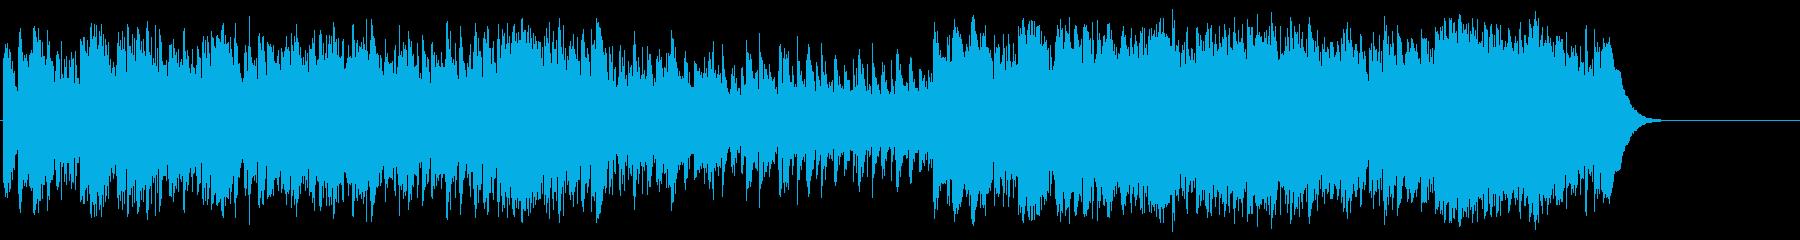 華々しくオープニング向けポップ/BGの再生済みの波形